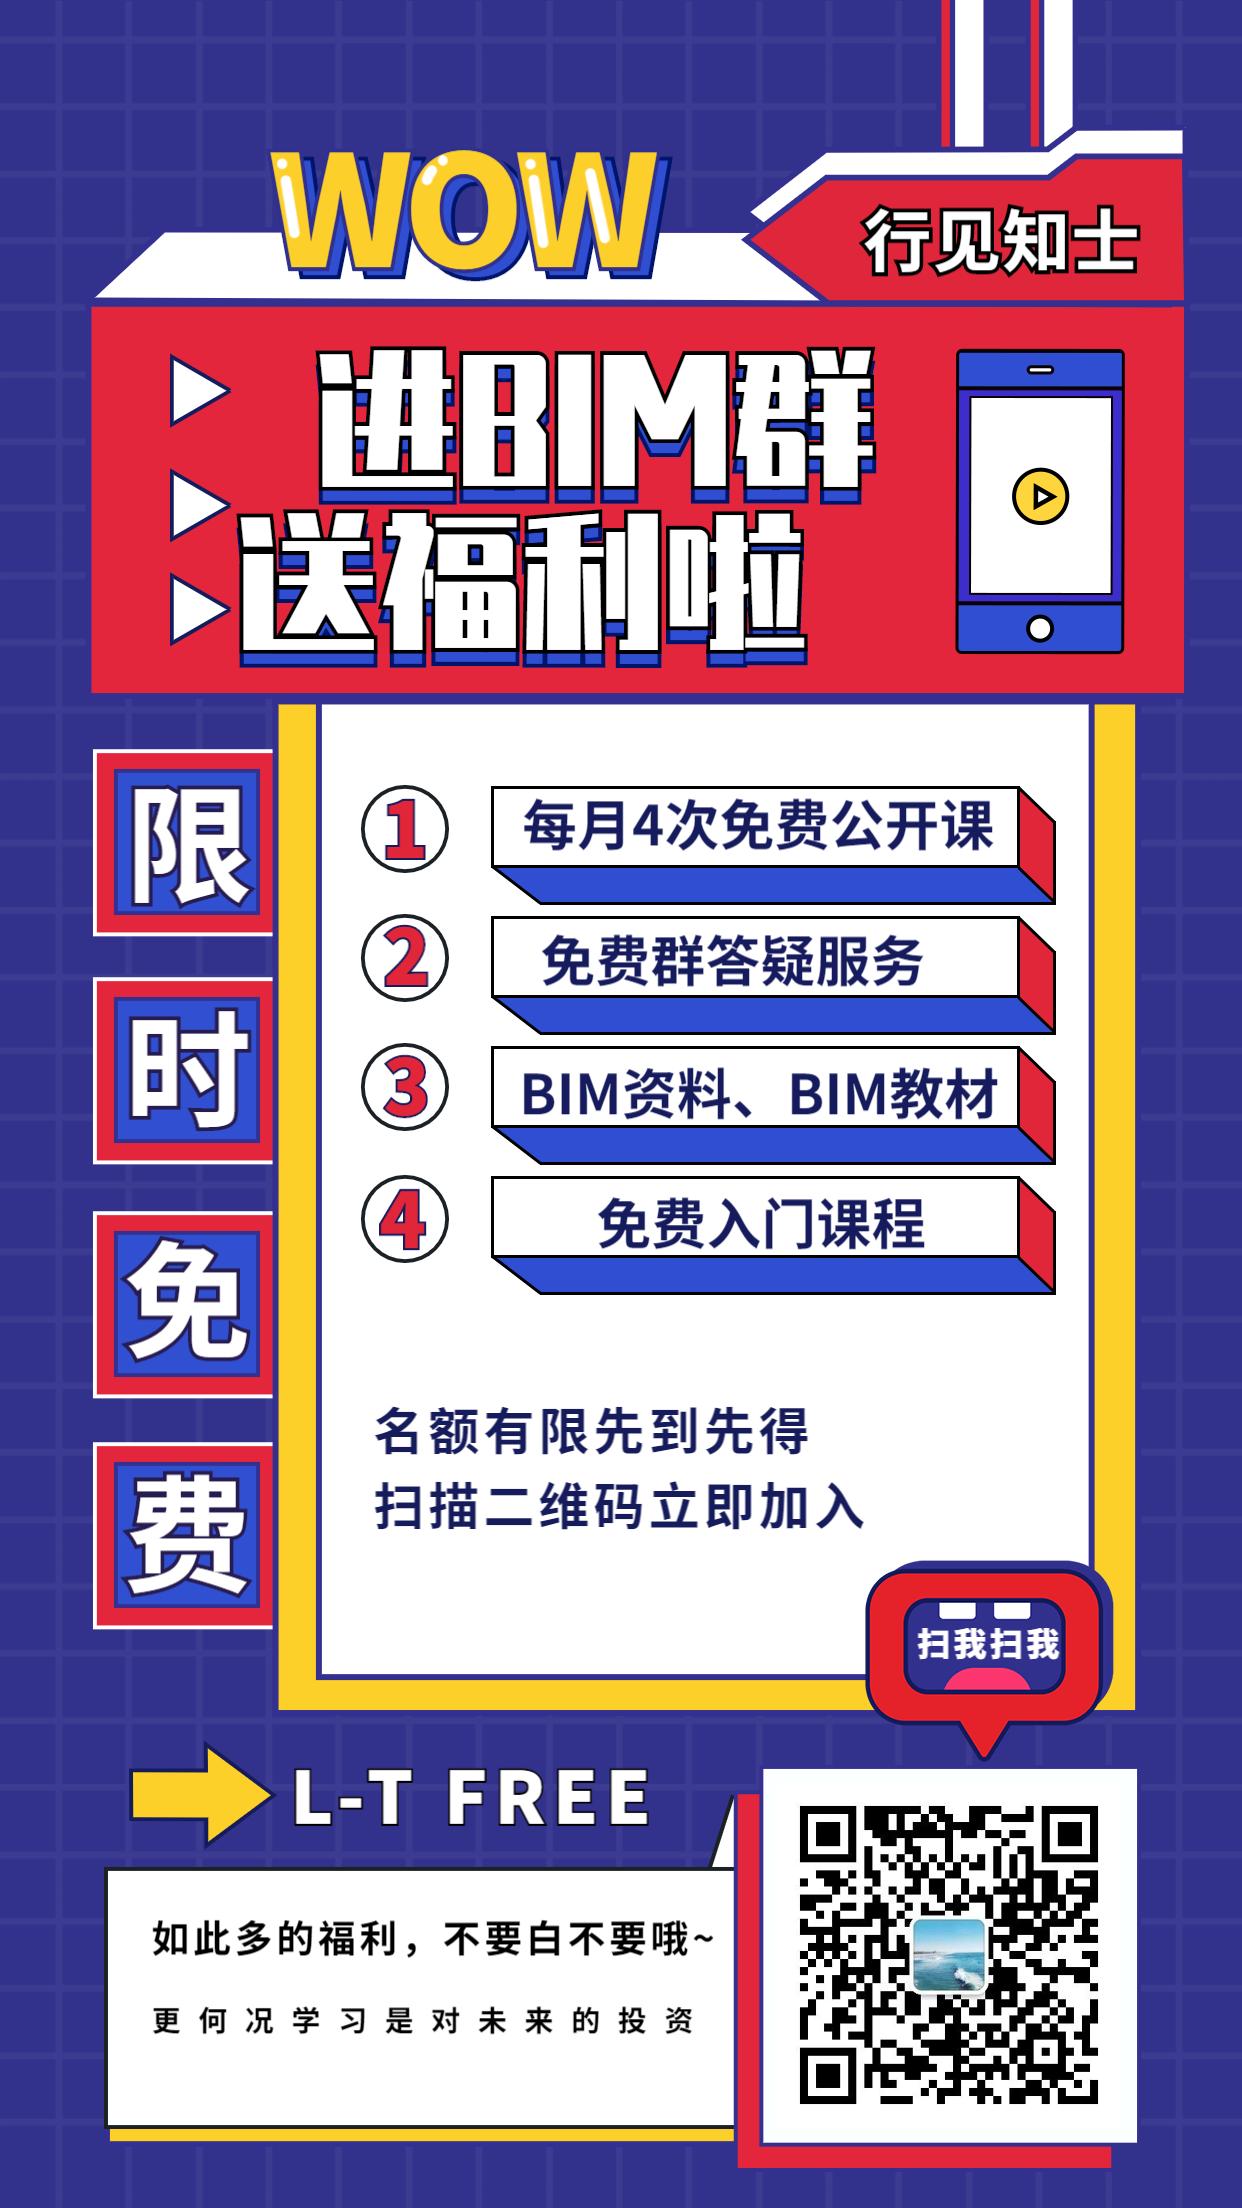 机电BIM应用图片1